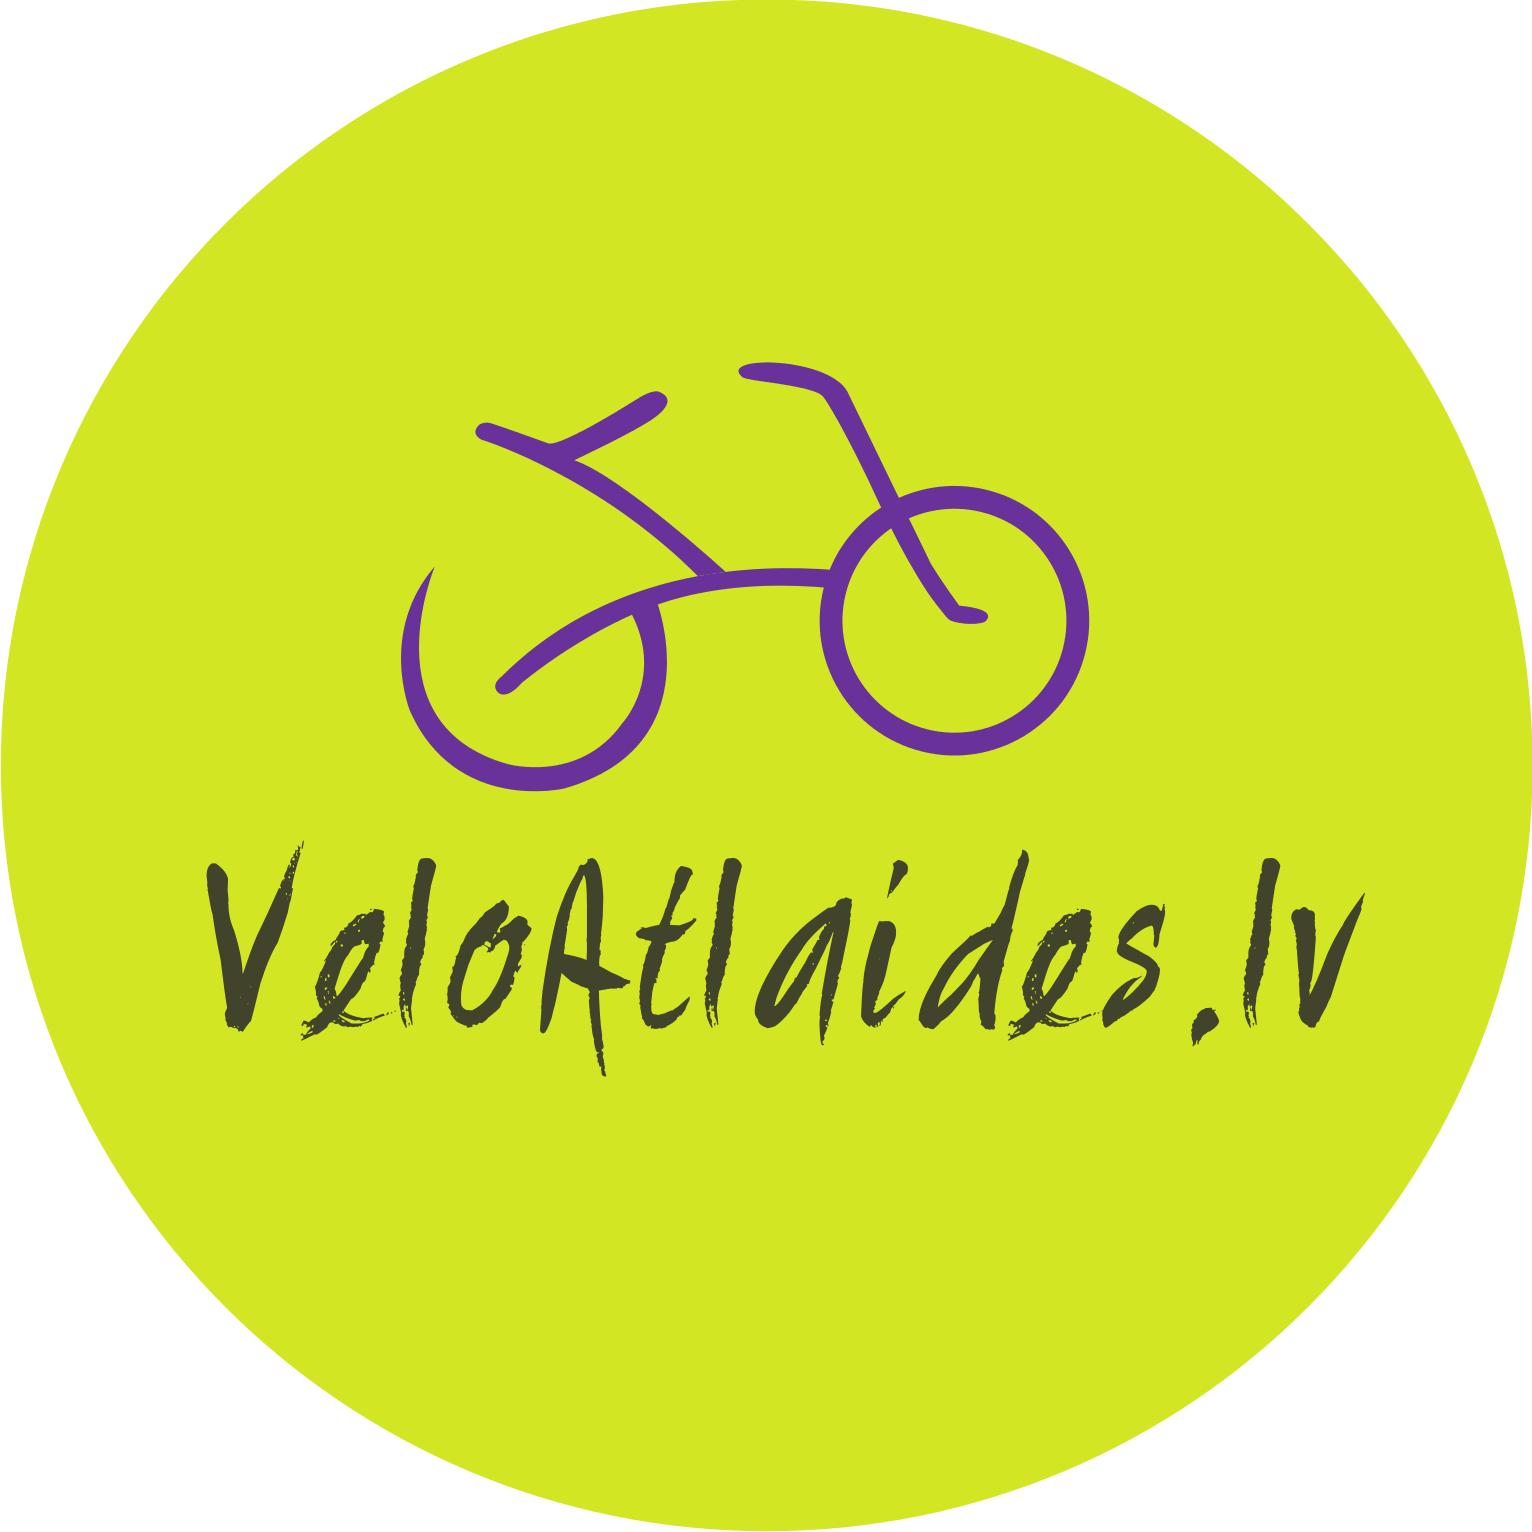 www.VeloAtlaides.lv